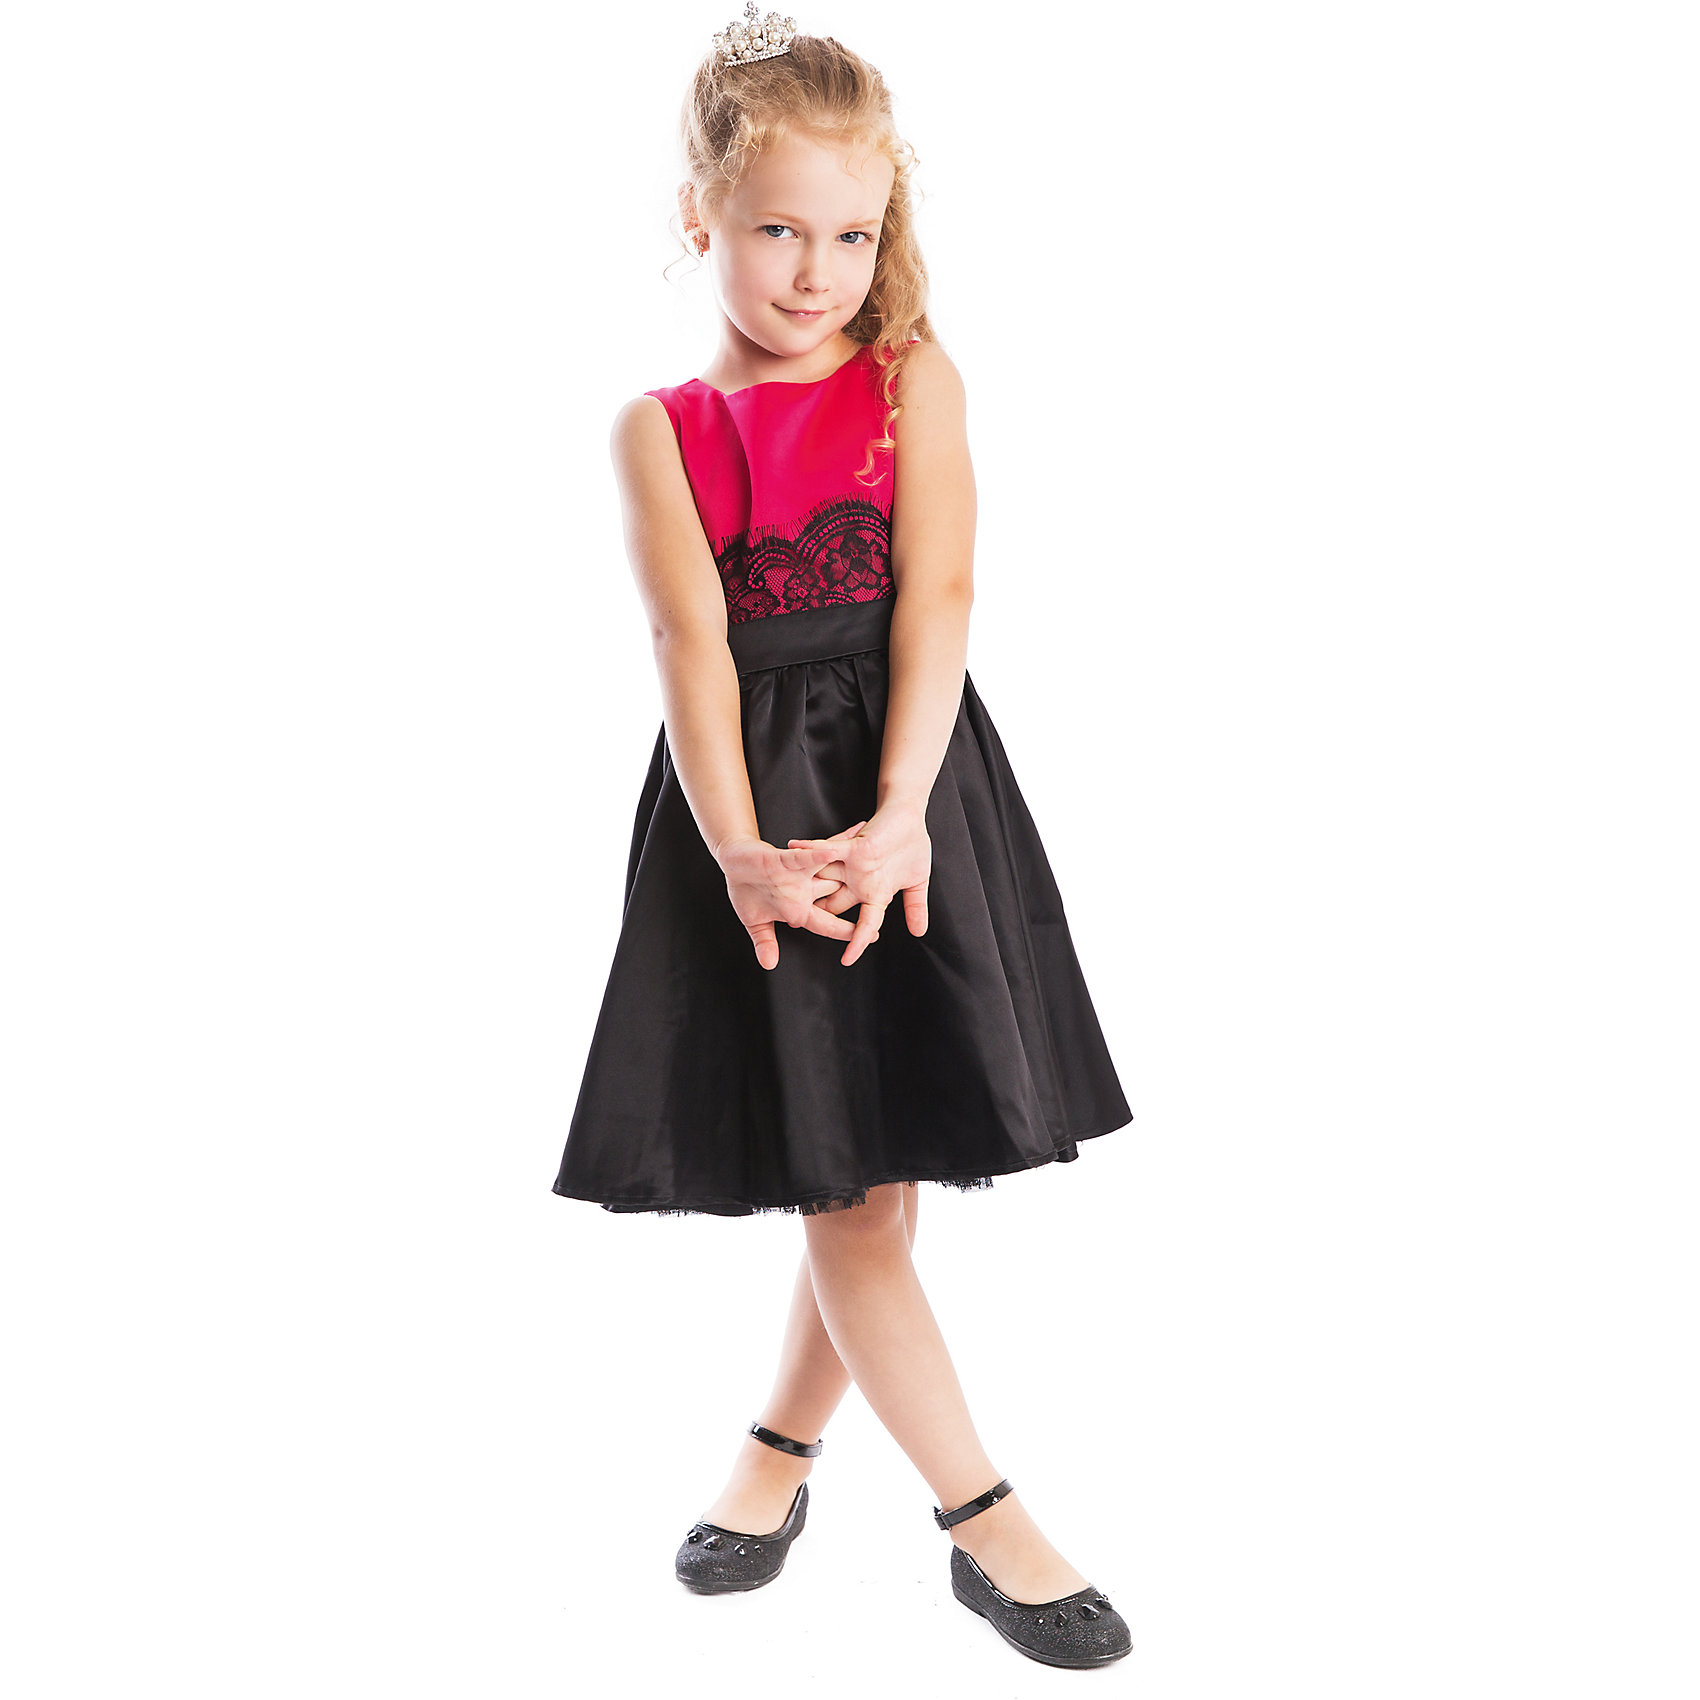 Нарядное платье для девочки PlayTodayОдежда<br>Платье для девочки от известного бренда PlayToday.<br>Платье без рукавов.<br><br>Выполнено в стиле new look – такие платья девушки стали носить в послевоенное время (50-е года), чтобы вновь выглядеть женственно. Украшено черным гипюром по талии. Застегивается на потайную молнию на спине, мягкая хлопковая подкладка обеспечивает удобство.<br>Состав:<br>Верх: 100% полиэстер, Подкладка: 100% хлопок<br><br>Ширина мм: 236<br>Глубина мм: 16<br>Высота мм: 184<br>Вес г: 177<br>Цвет: розовый<br>Возраст от месяцев: 72<br>Возраст до месяцев: 84<br>Пол: Женский<br>Возраст: Детский<br>Размер: 122,104,128,110,116,98<br>SKU: 5113788